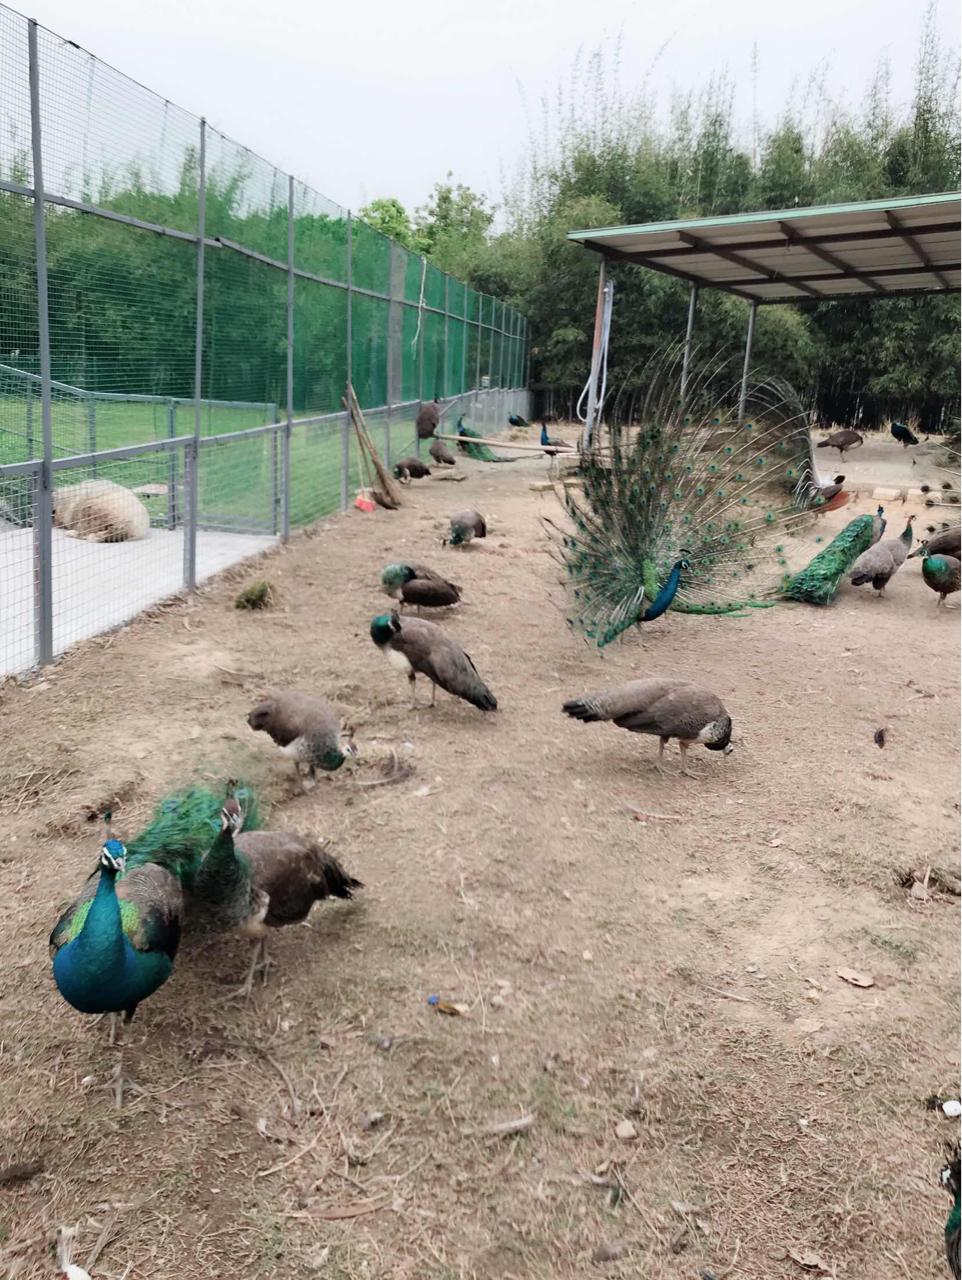 东莞香市动物园-东莞市东莞香市动物园旅游指南